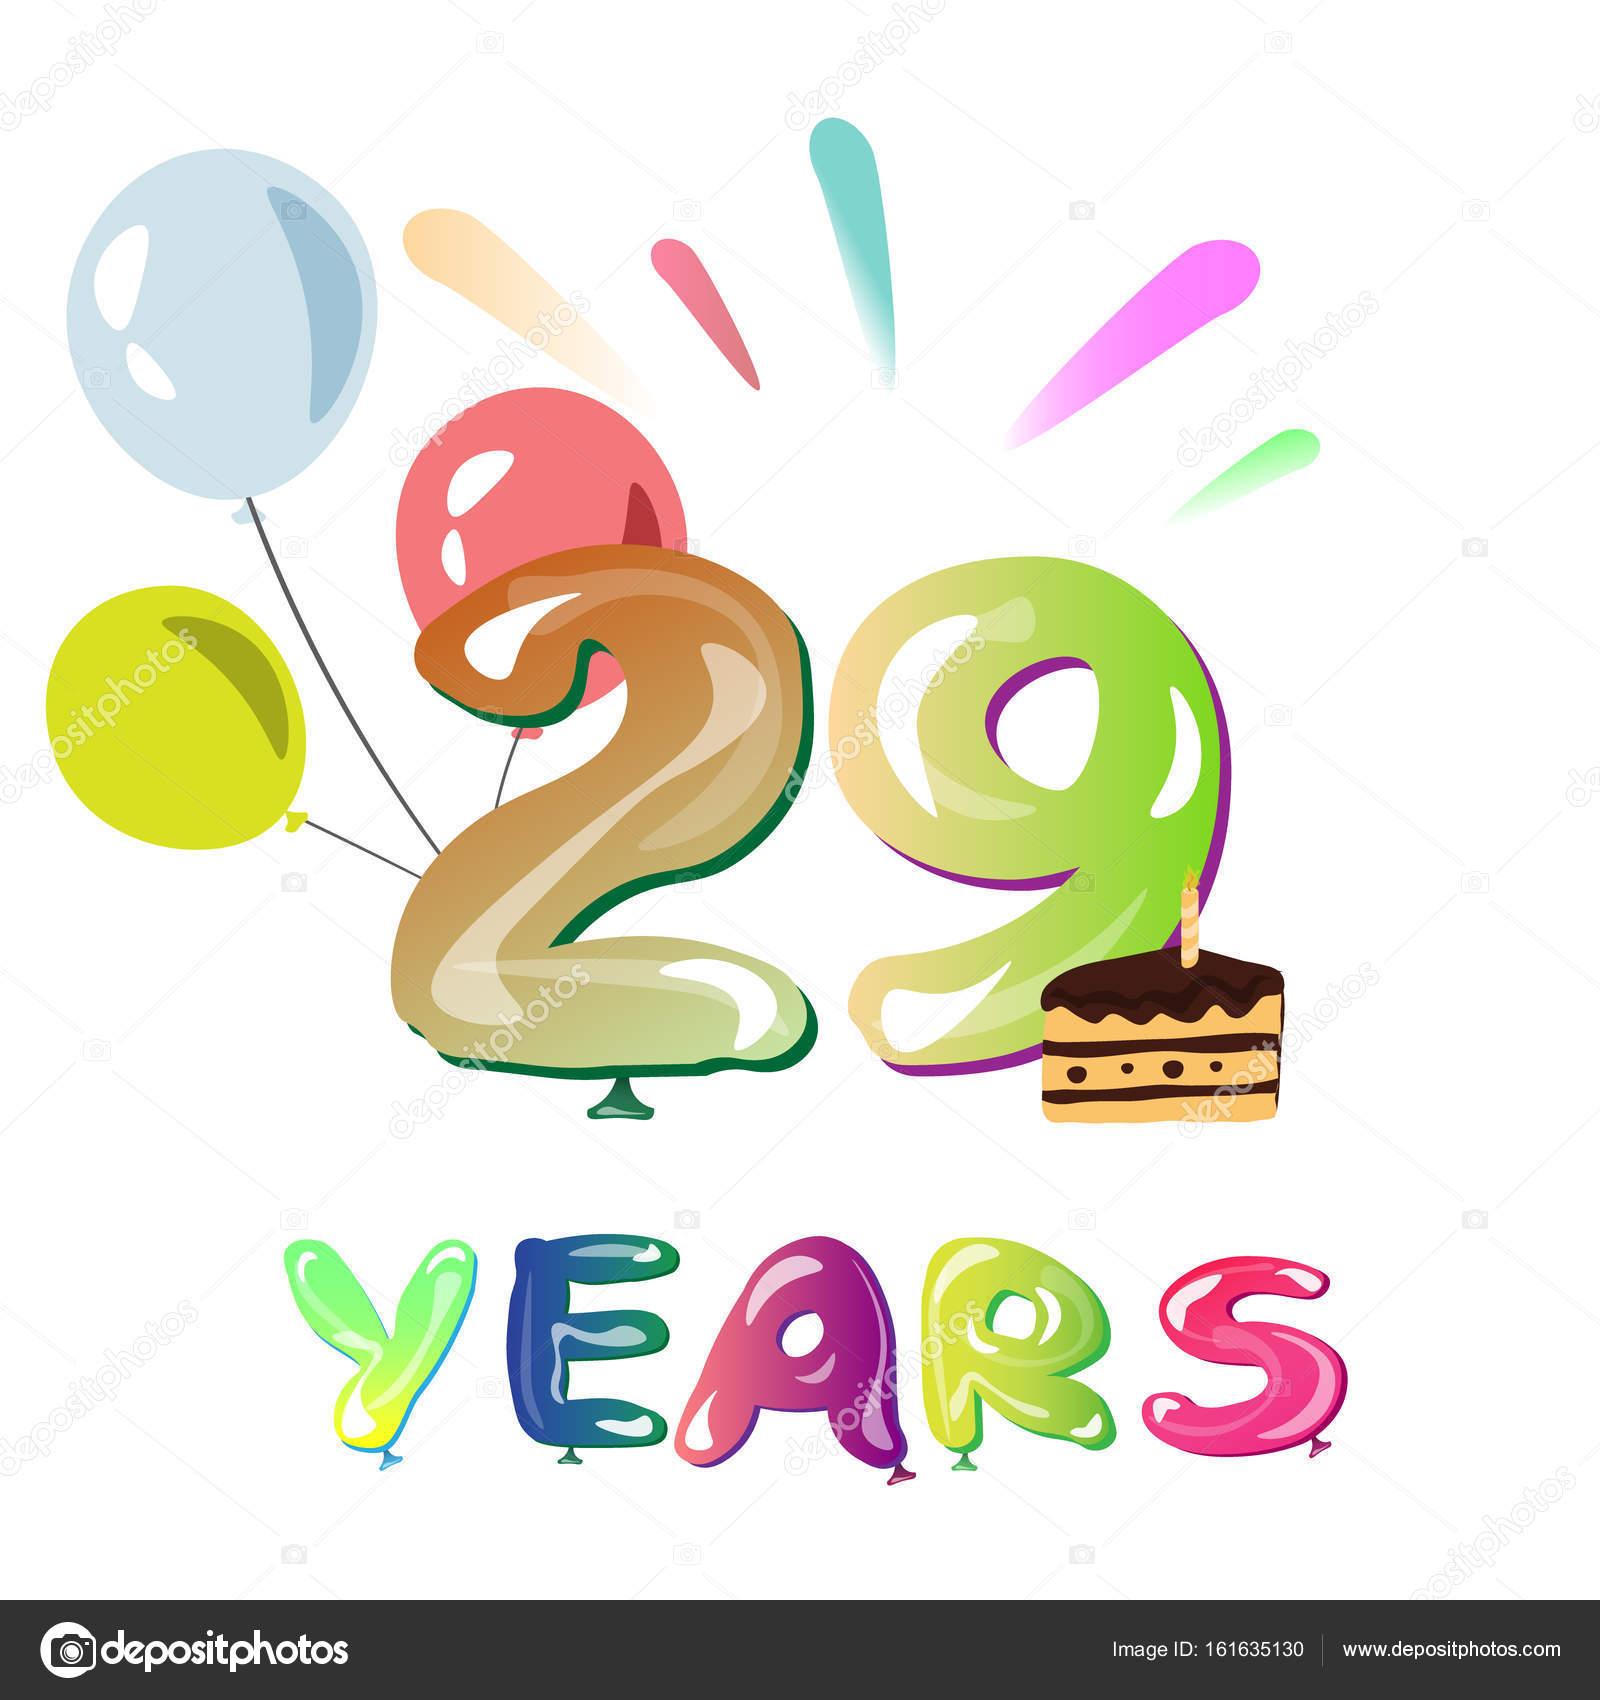 grattis på årsdagen Grattis på årsdagen 29 år — Stock Vektor © sasha_zerg #161635130 grattis på årsdagen